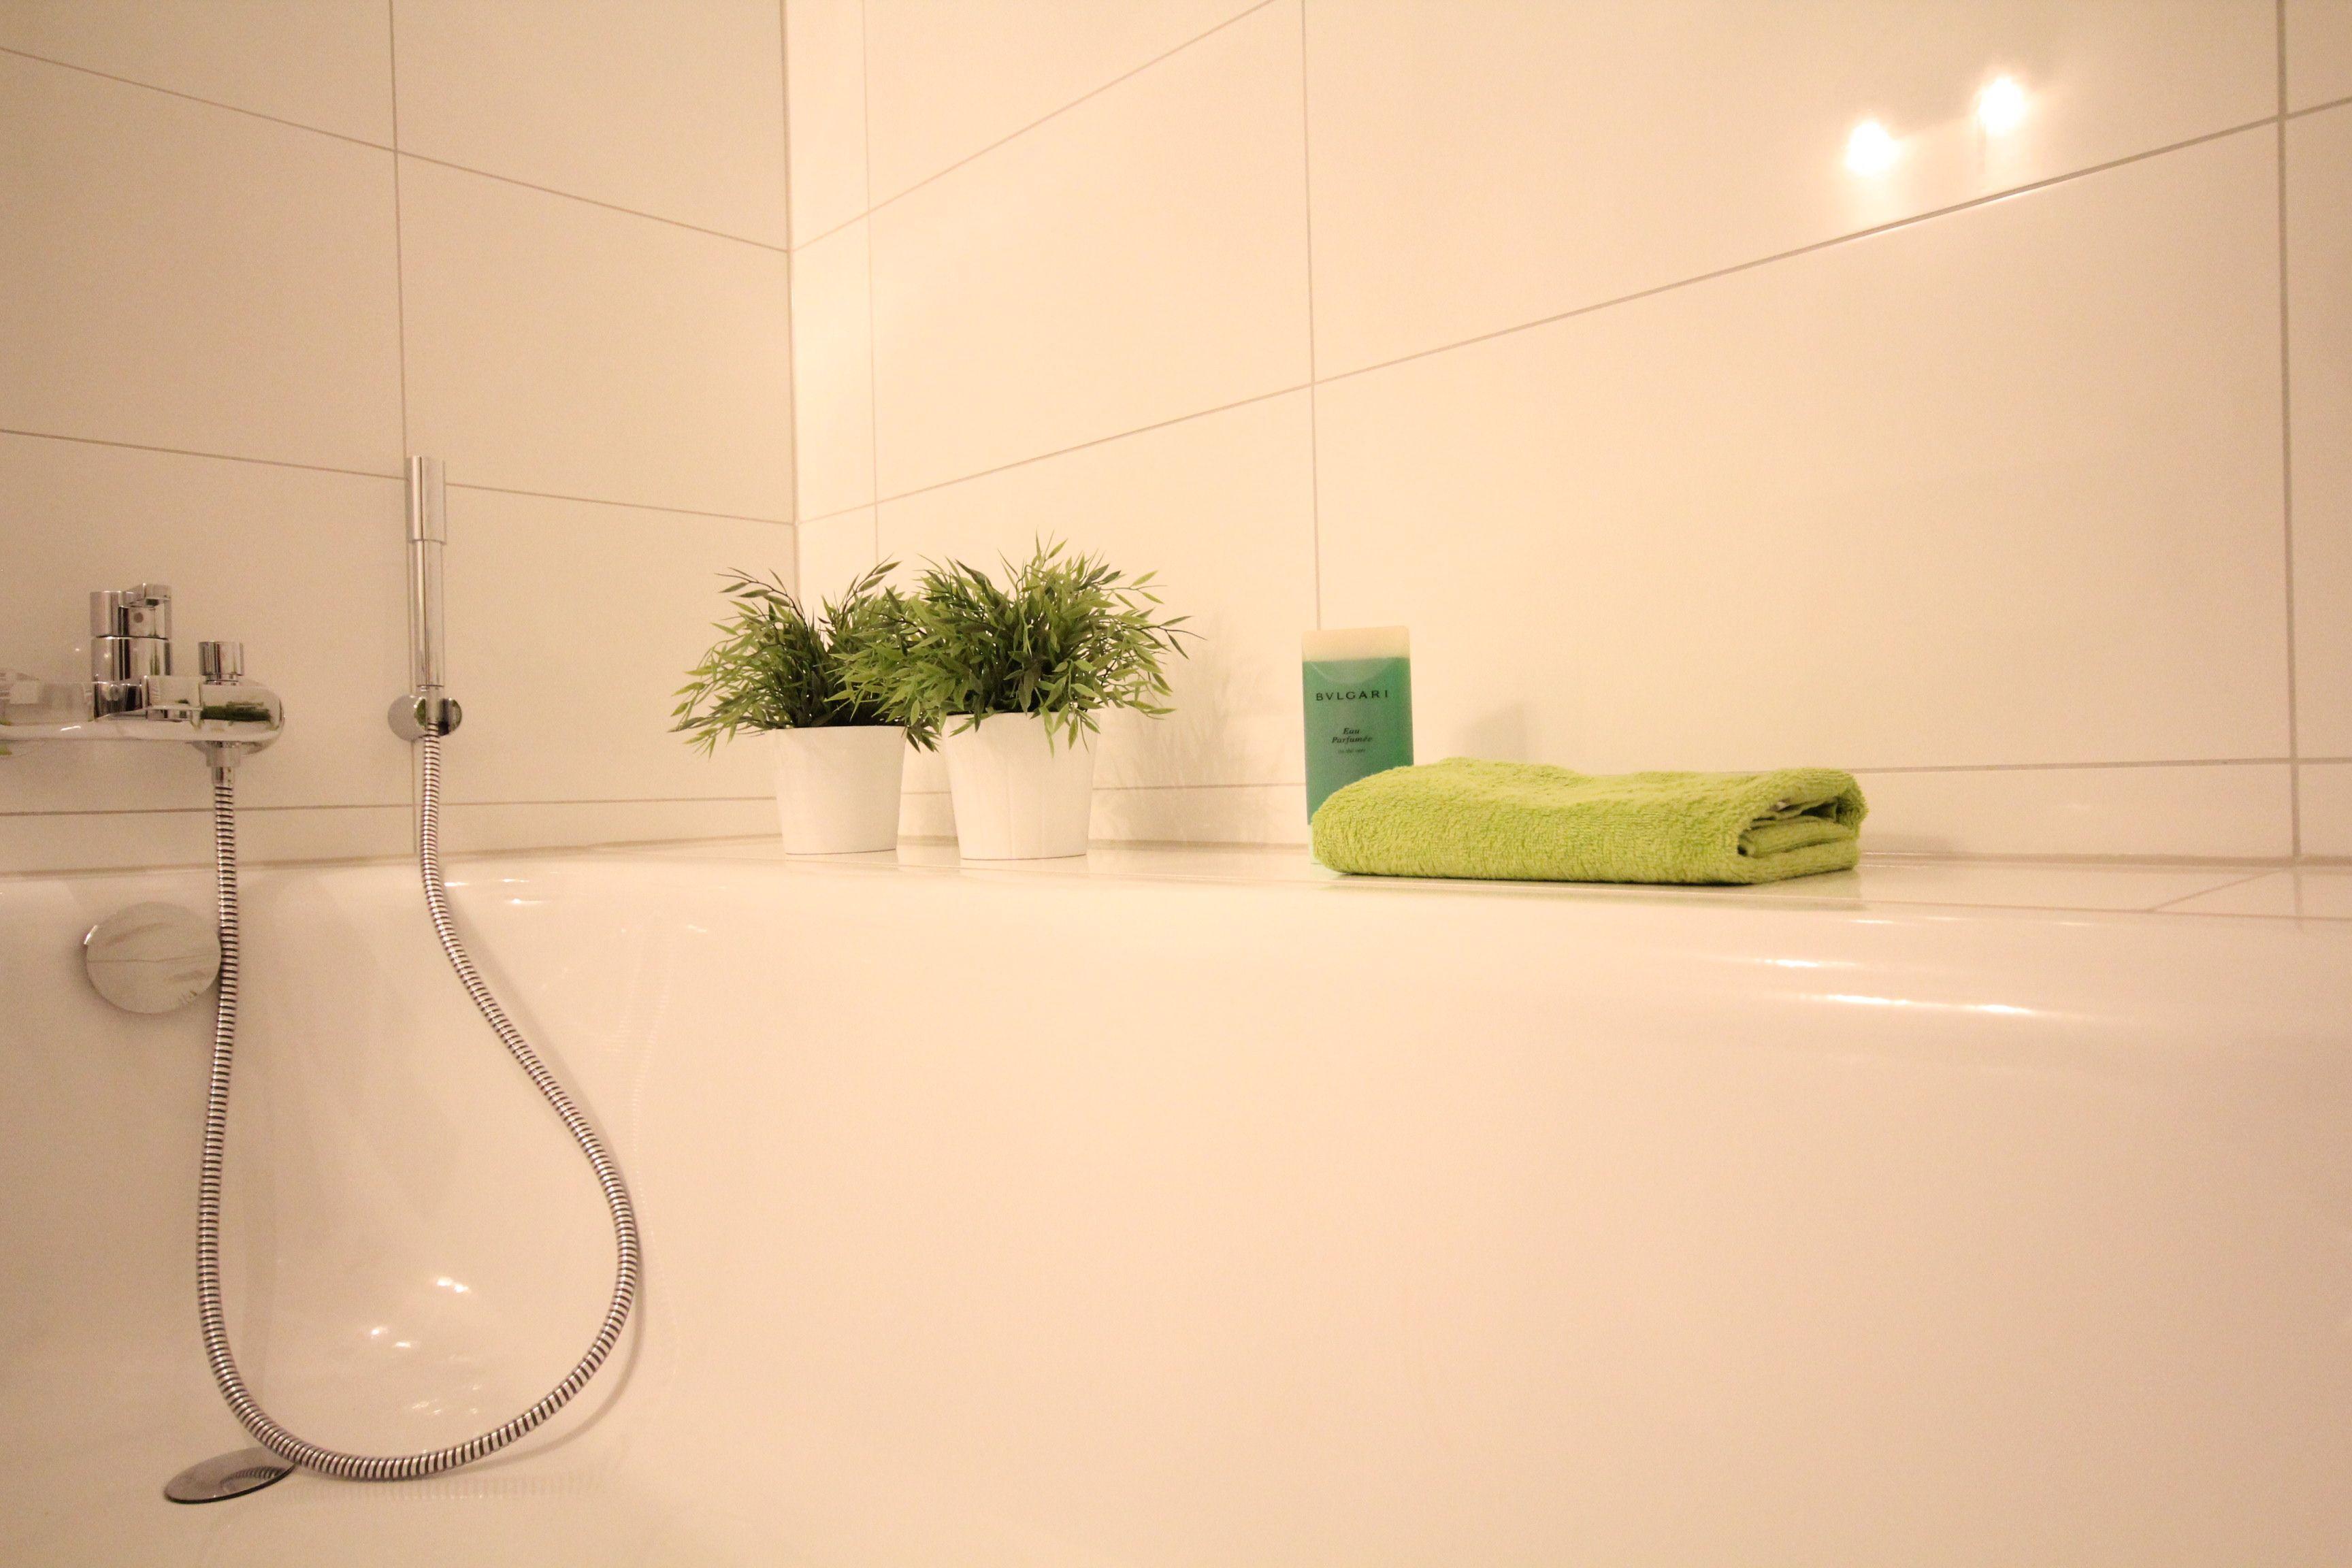 Weitere Informationen Und Bilder Zu Diesem Projekt Finden Sie Auf Unserer Homepage Dazu Einfac Einen Klick Auf S Bild Mietwohnungen Wohnung Mieten Wohnung